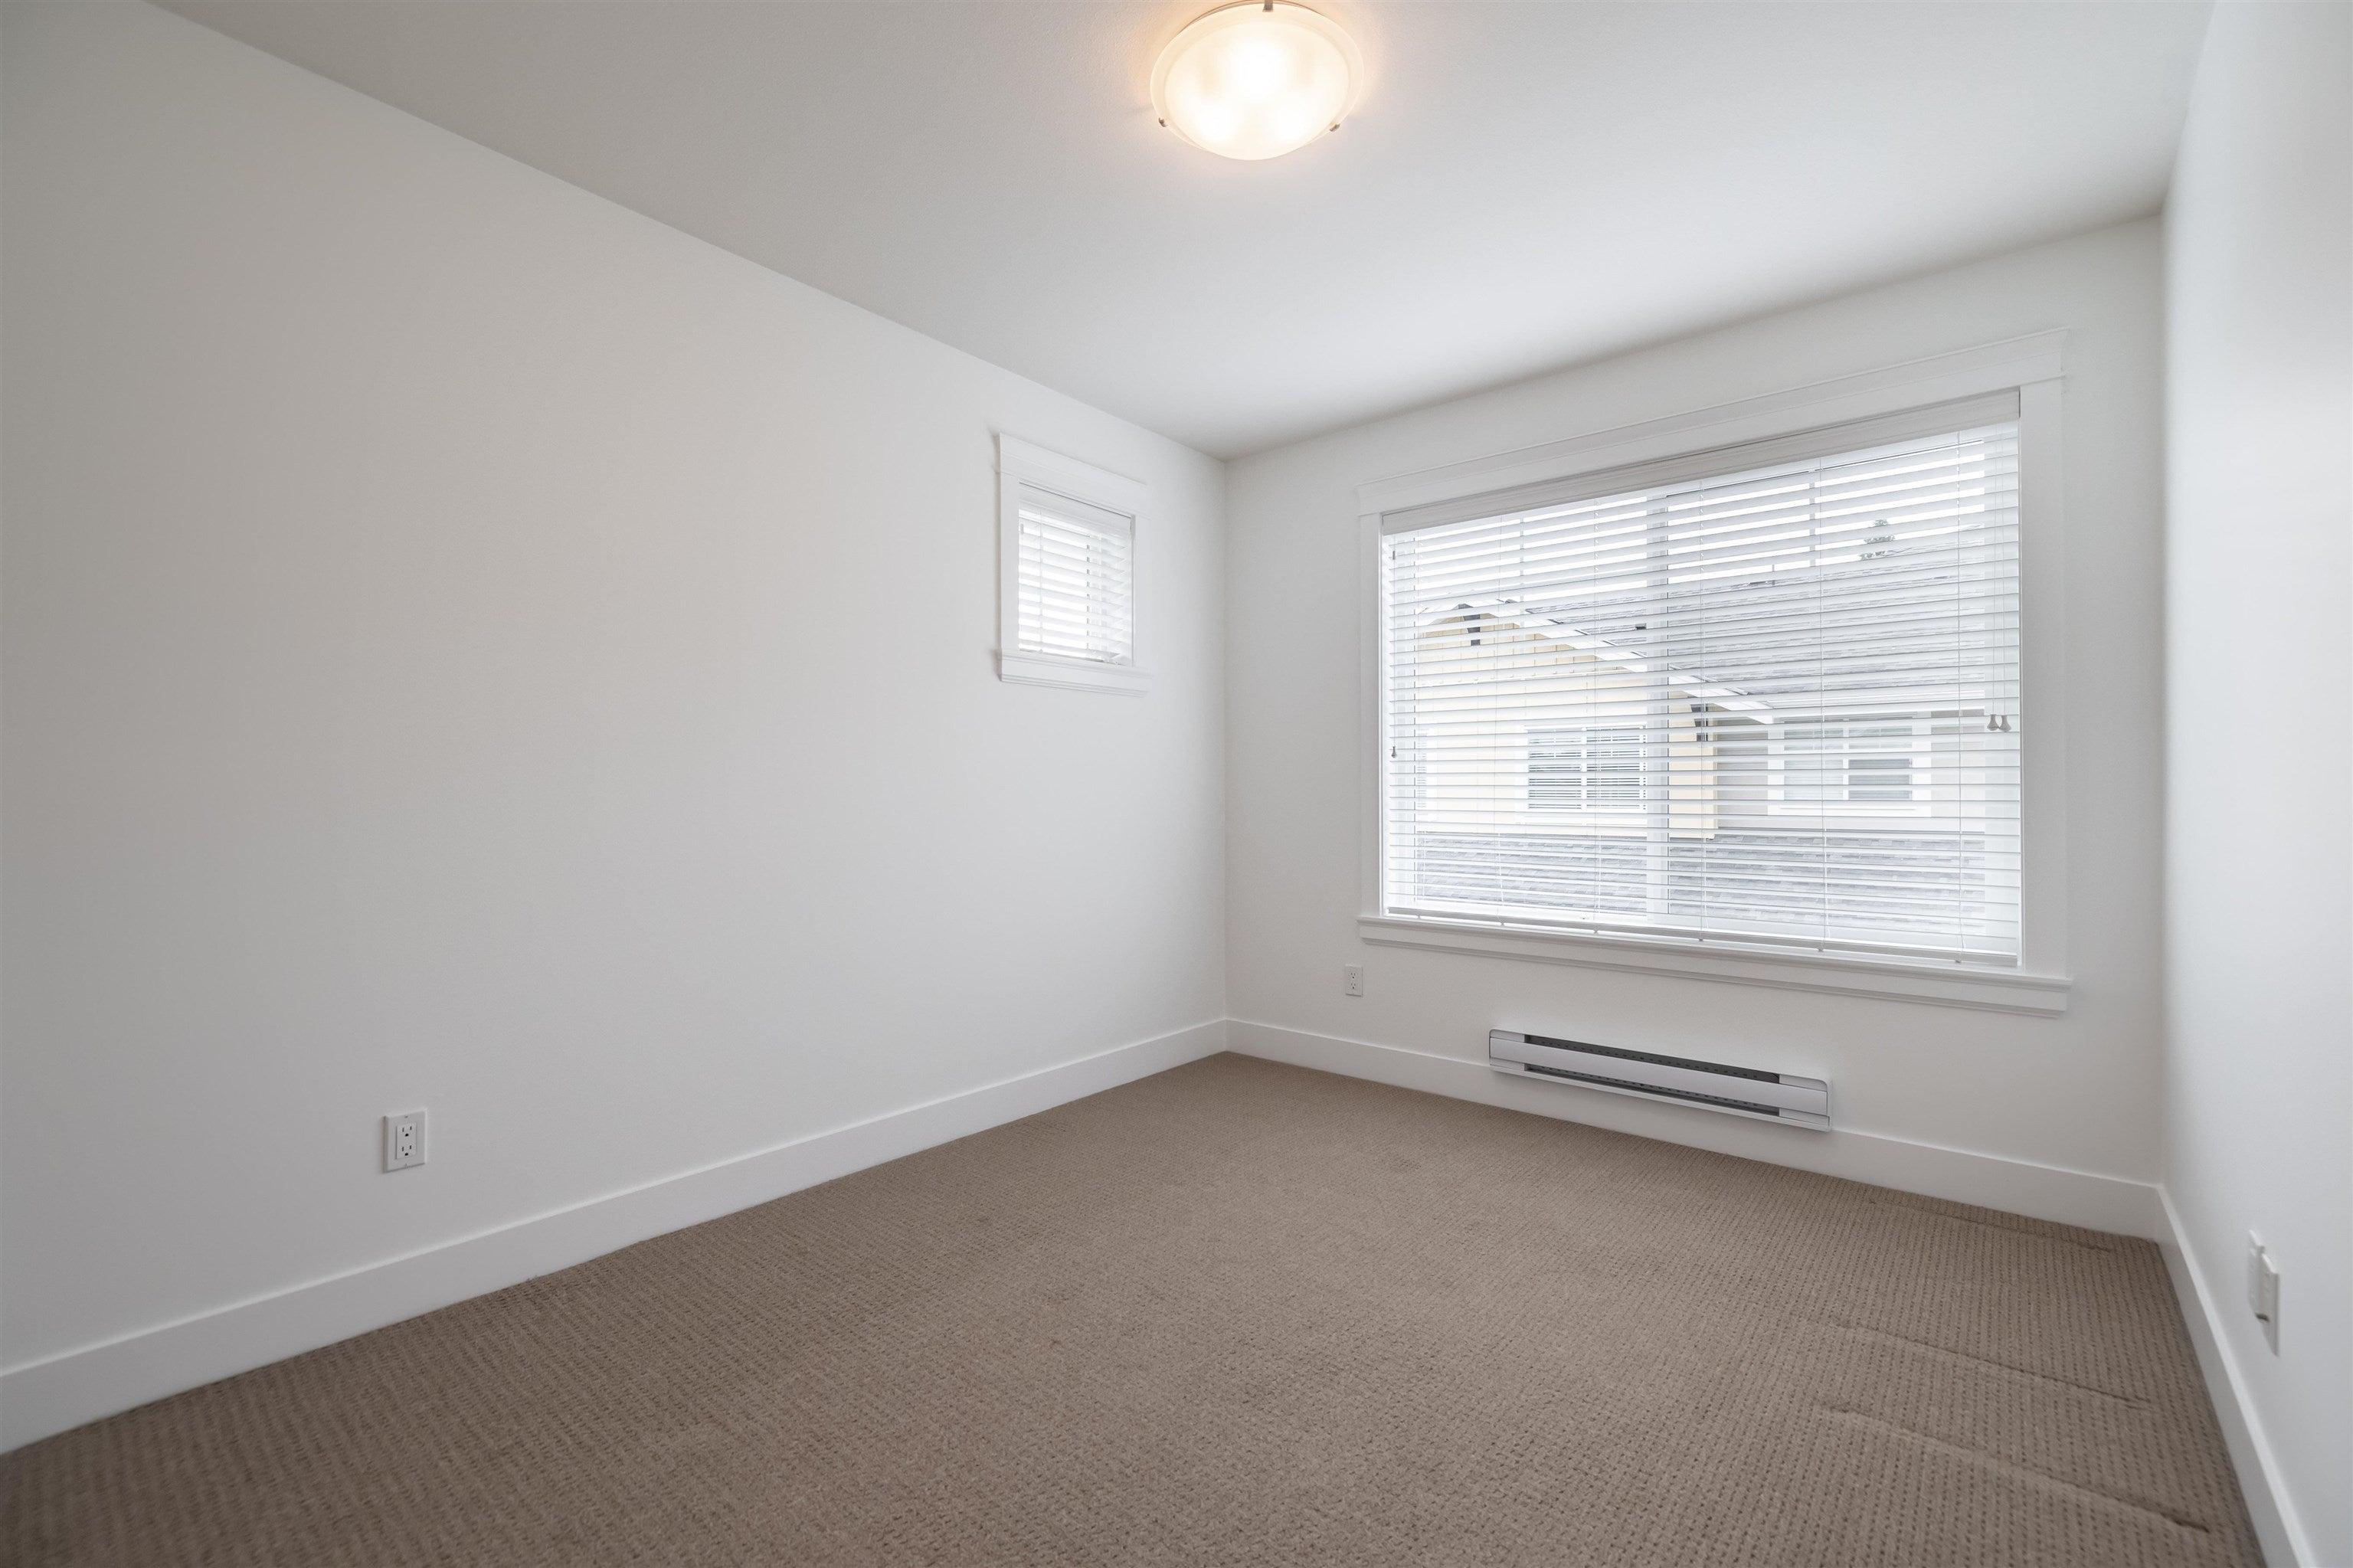 29 17171 2B AVENUE - Pacific Douglas Townhouse for sale, 3 Bedrooms (R2625037) - #30